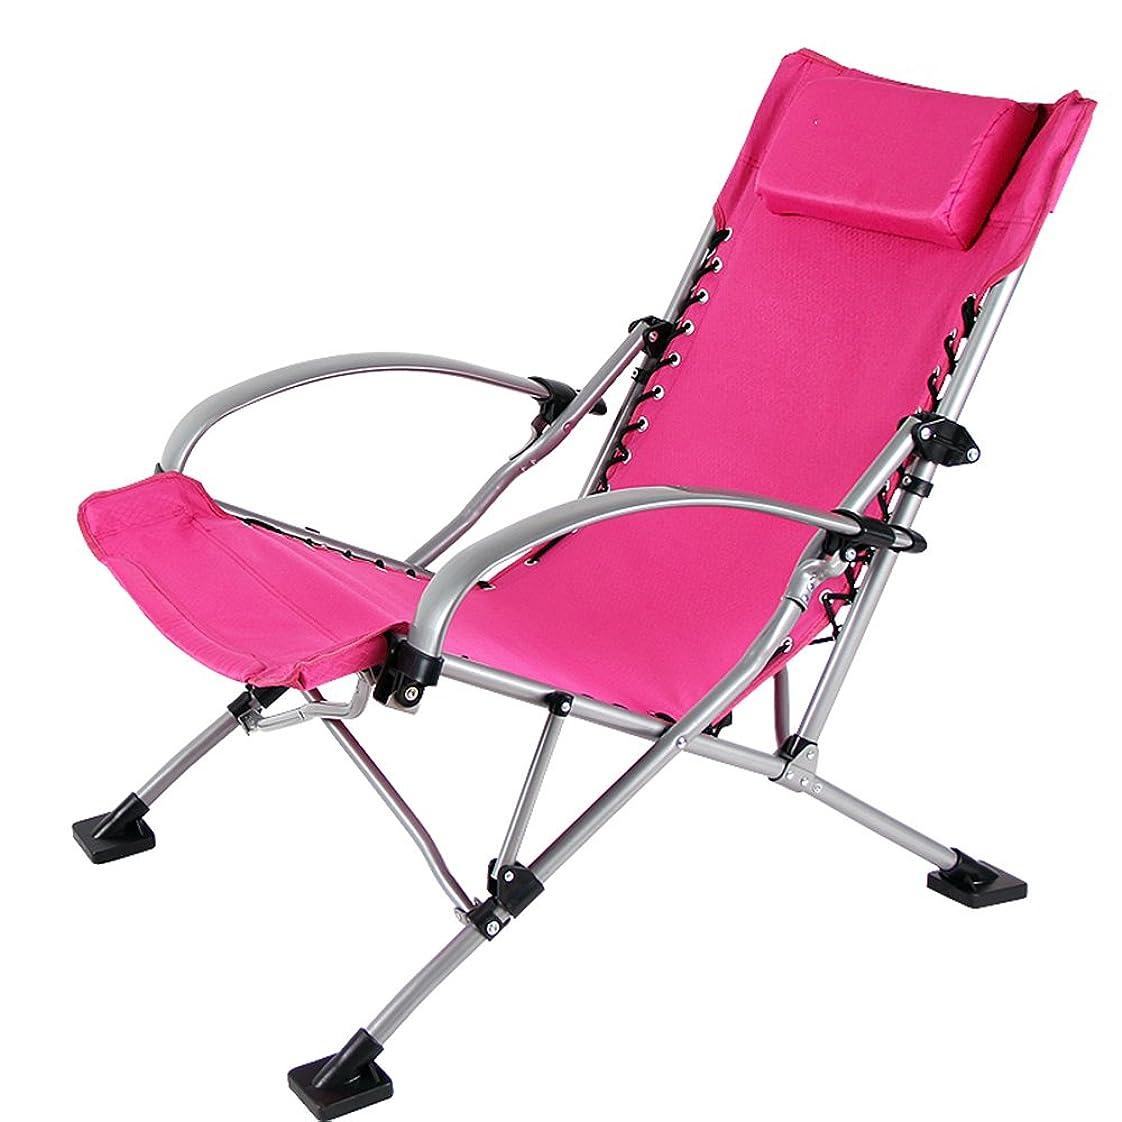 またはどちらかロマンス裏切りZXQZ 多機能快適なポータブル折りたたみチェア/合金オフィスシエスタ椅子/屋外ポータブルスペース節約ビーチ釣りラウンジチェア 折りたたみ式ロッキングチェア (色 : ピンク)